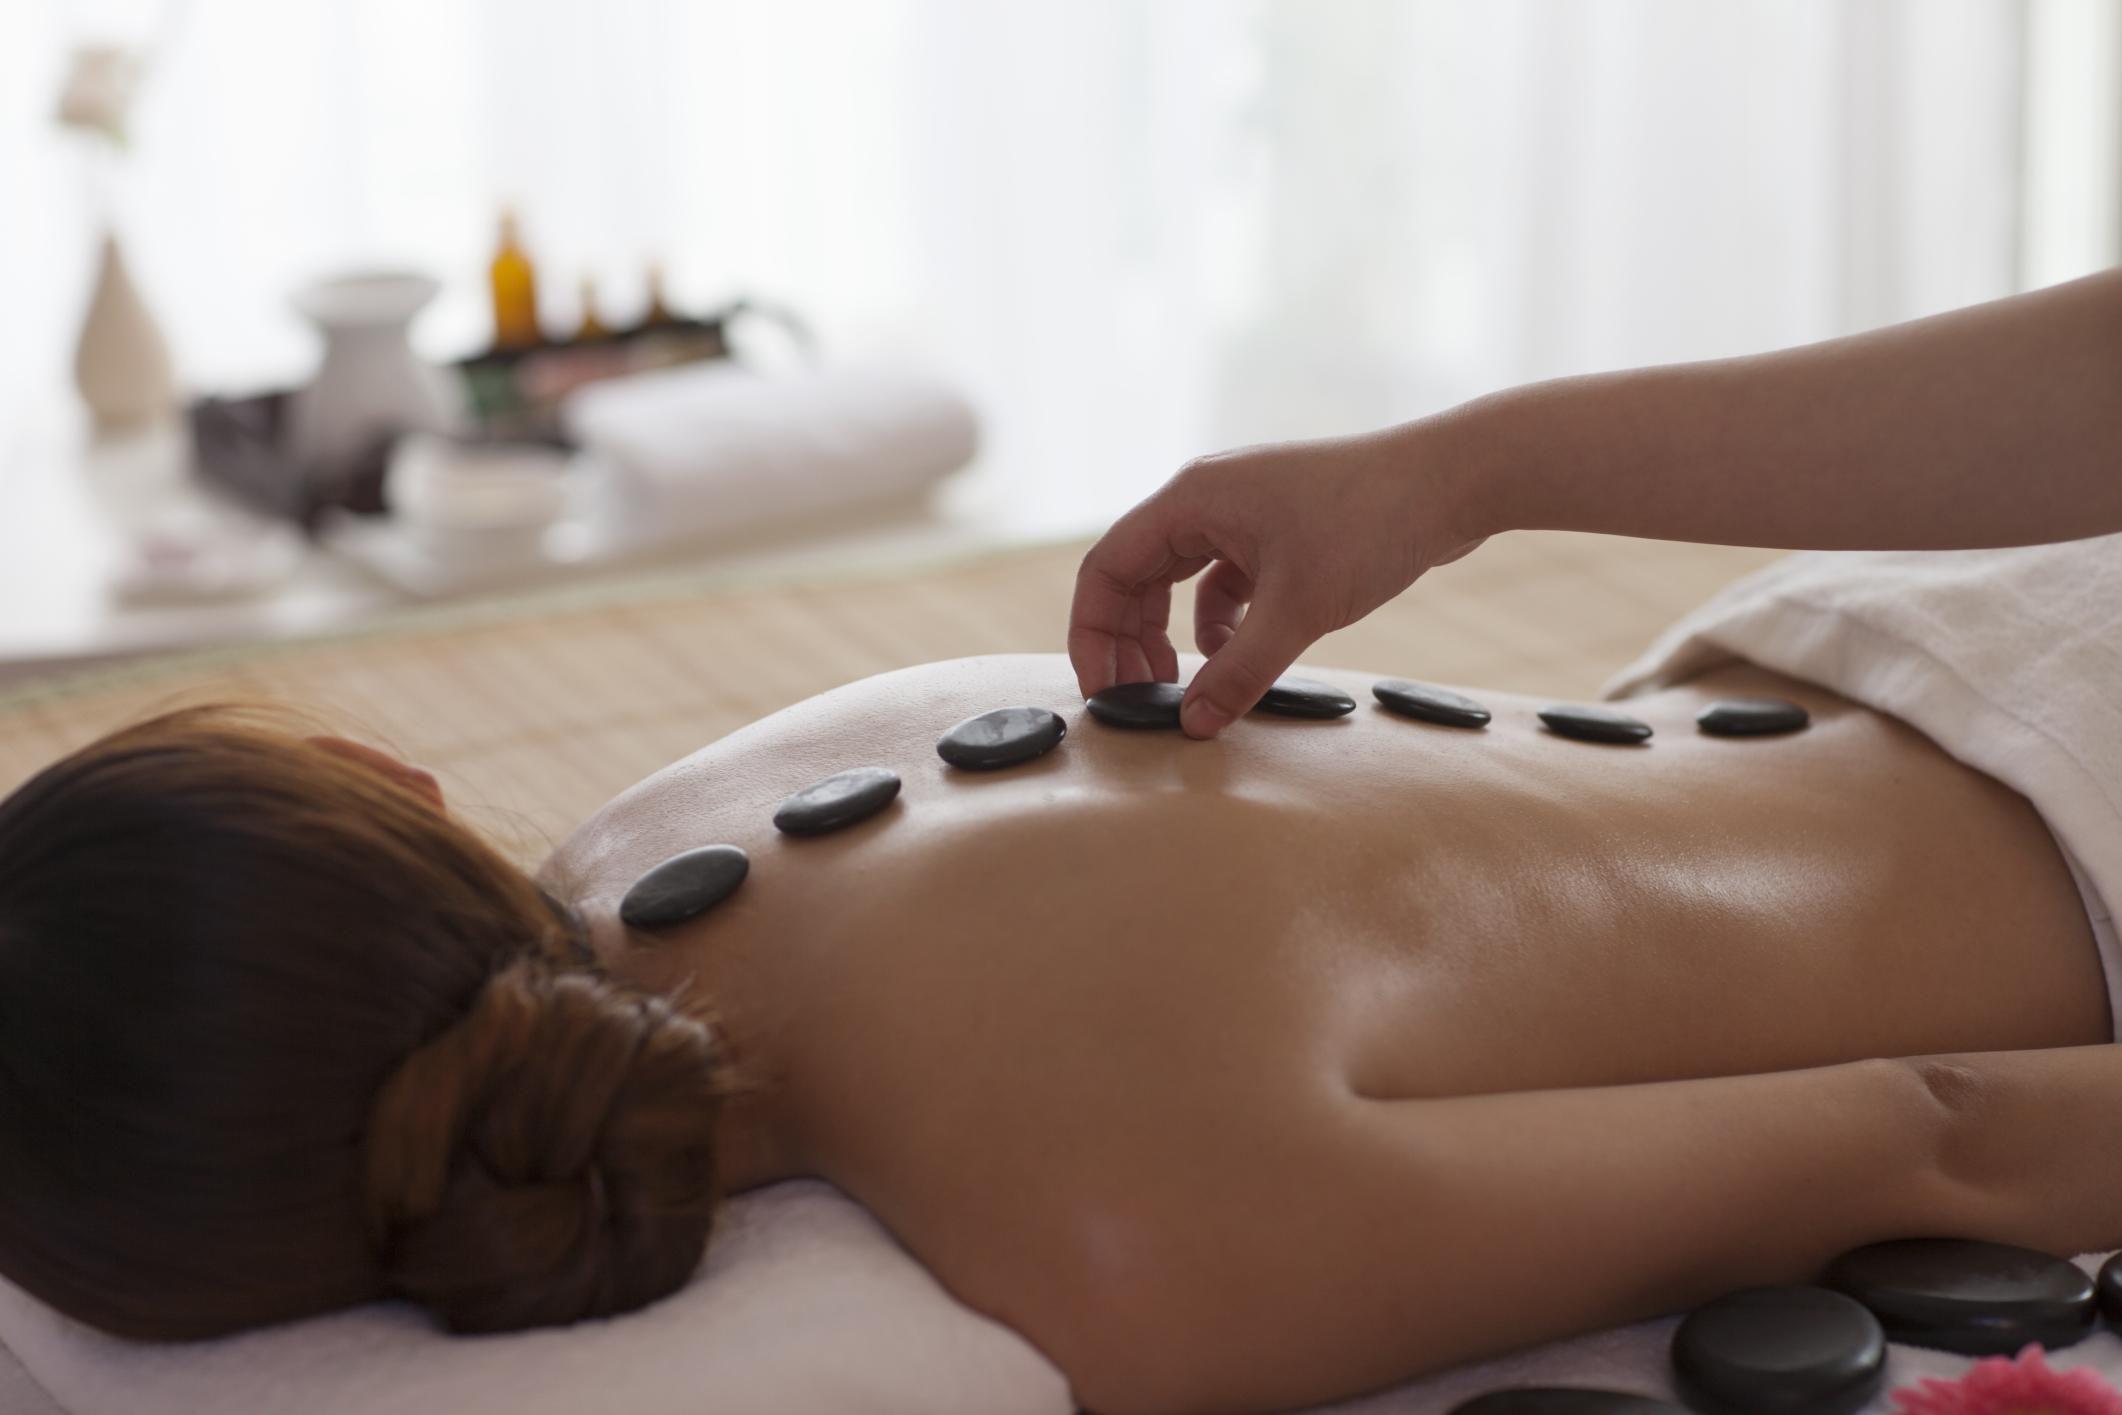 Порно видео массаж вибратором смотреть онлайн бесплатно